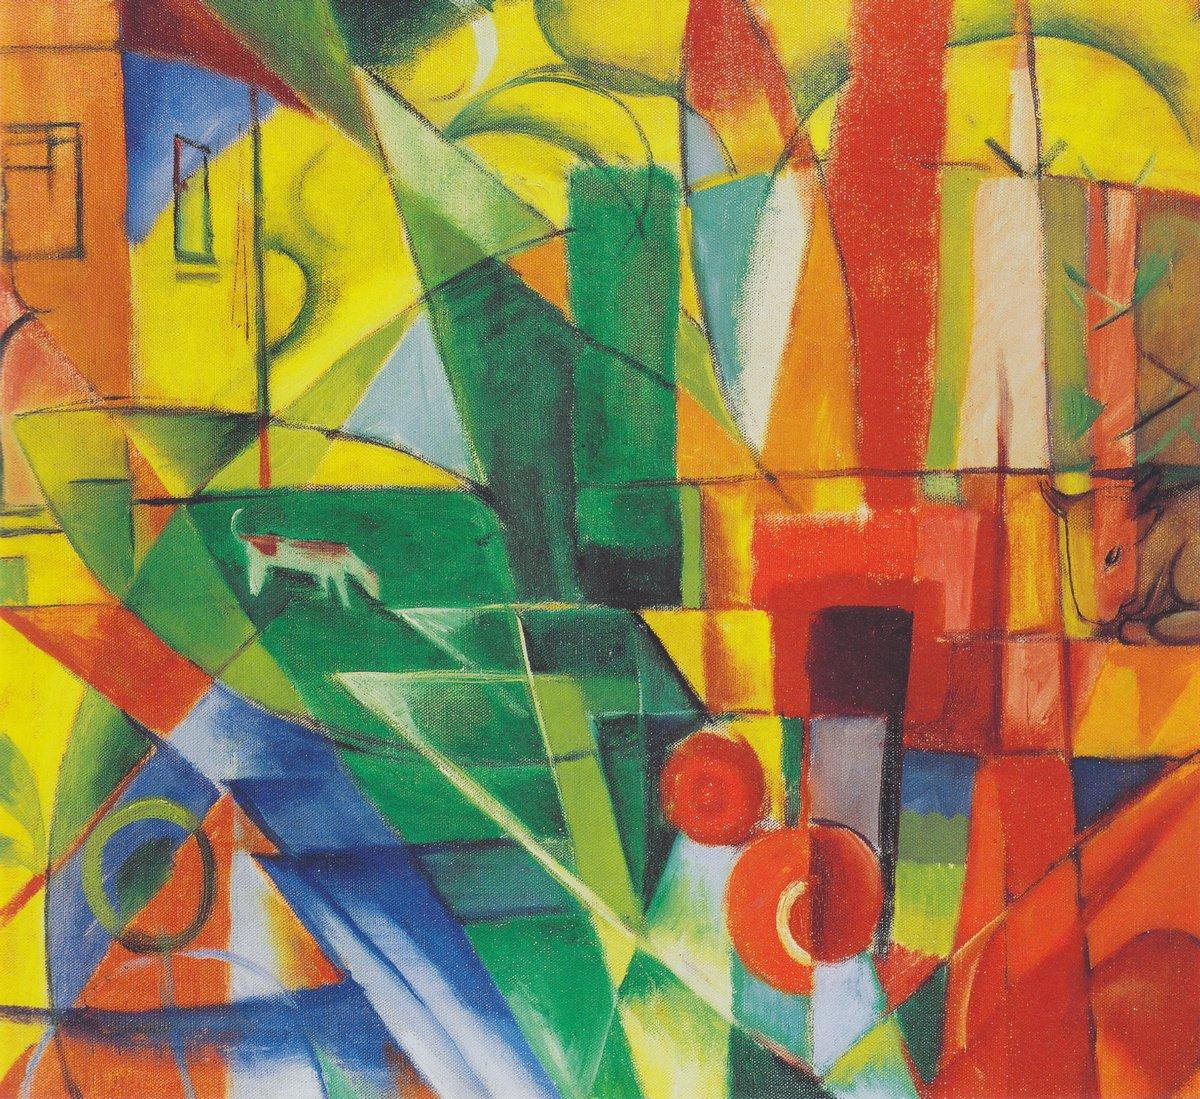 Яркие картины, картина Марк Франц «Пейзаж с домом собакой и коровой»Яркие картины<br>Репродукция на холсте или бумаге. Любого нужного вам размера. В раме или без. Подвес в комплекте. Трехслойная надежная упаковка. Доставим в любую точку России. Вам осталось только повесить картину на стену!<br>